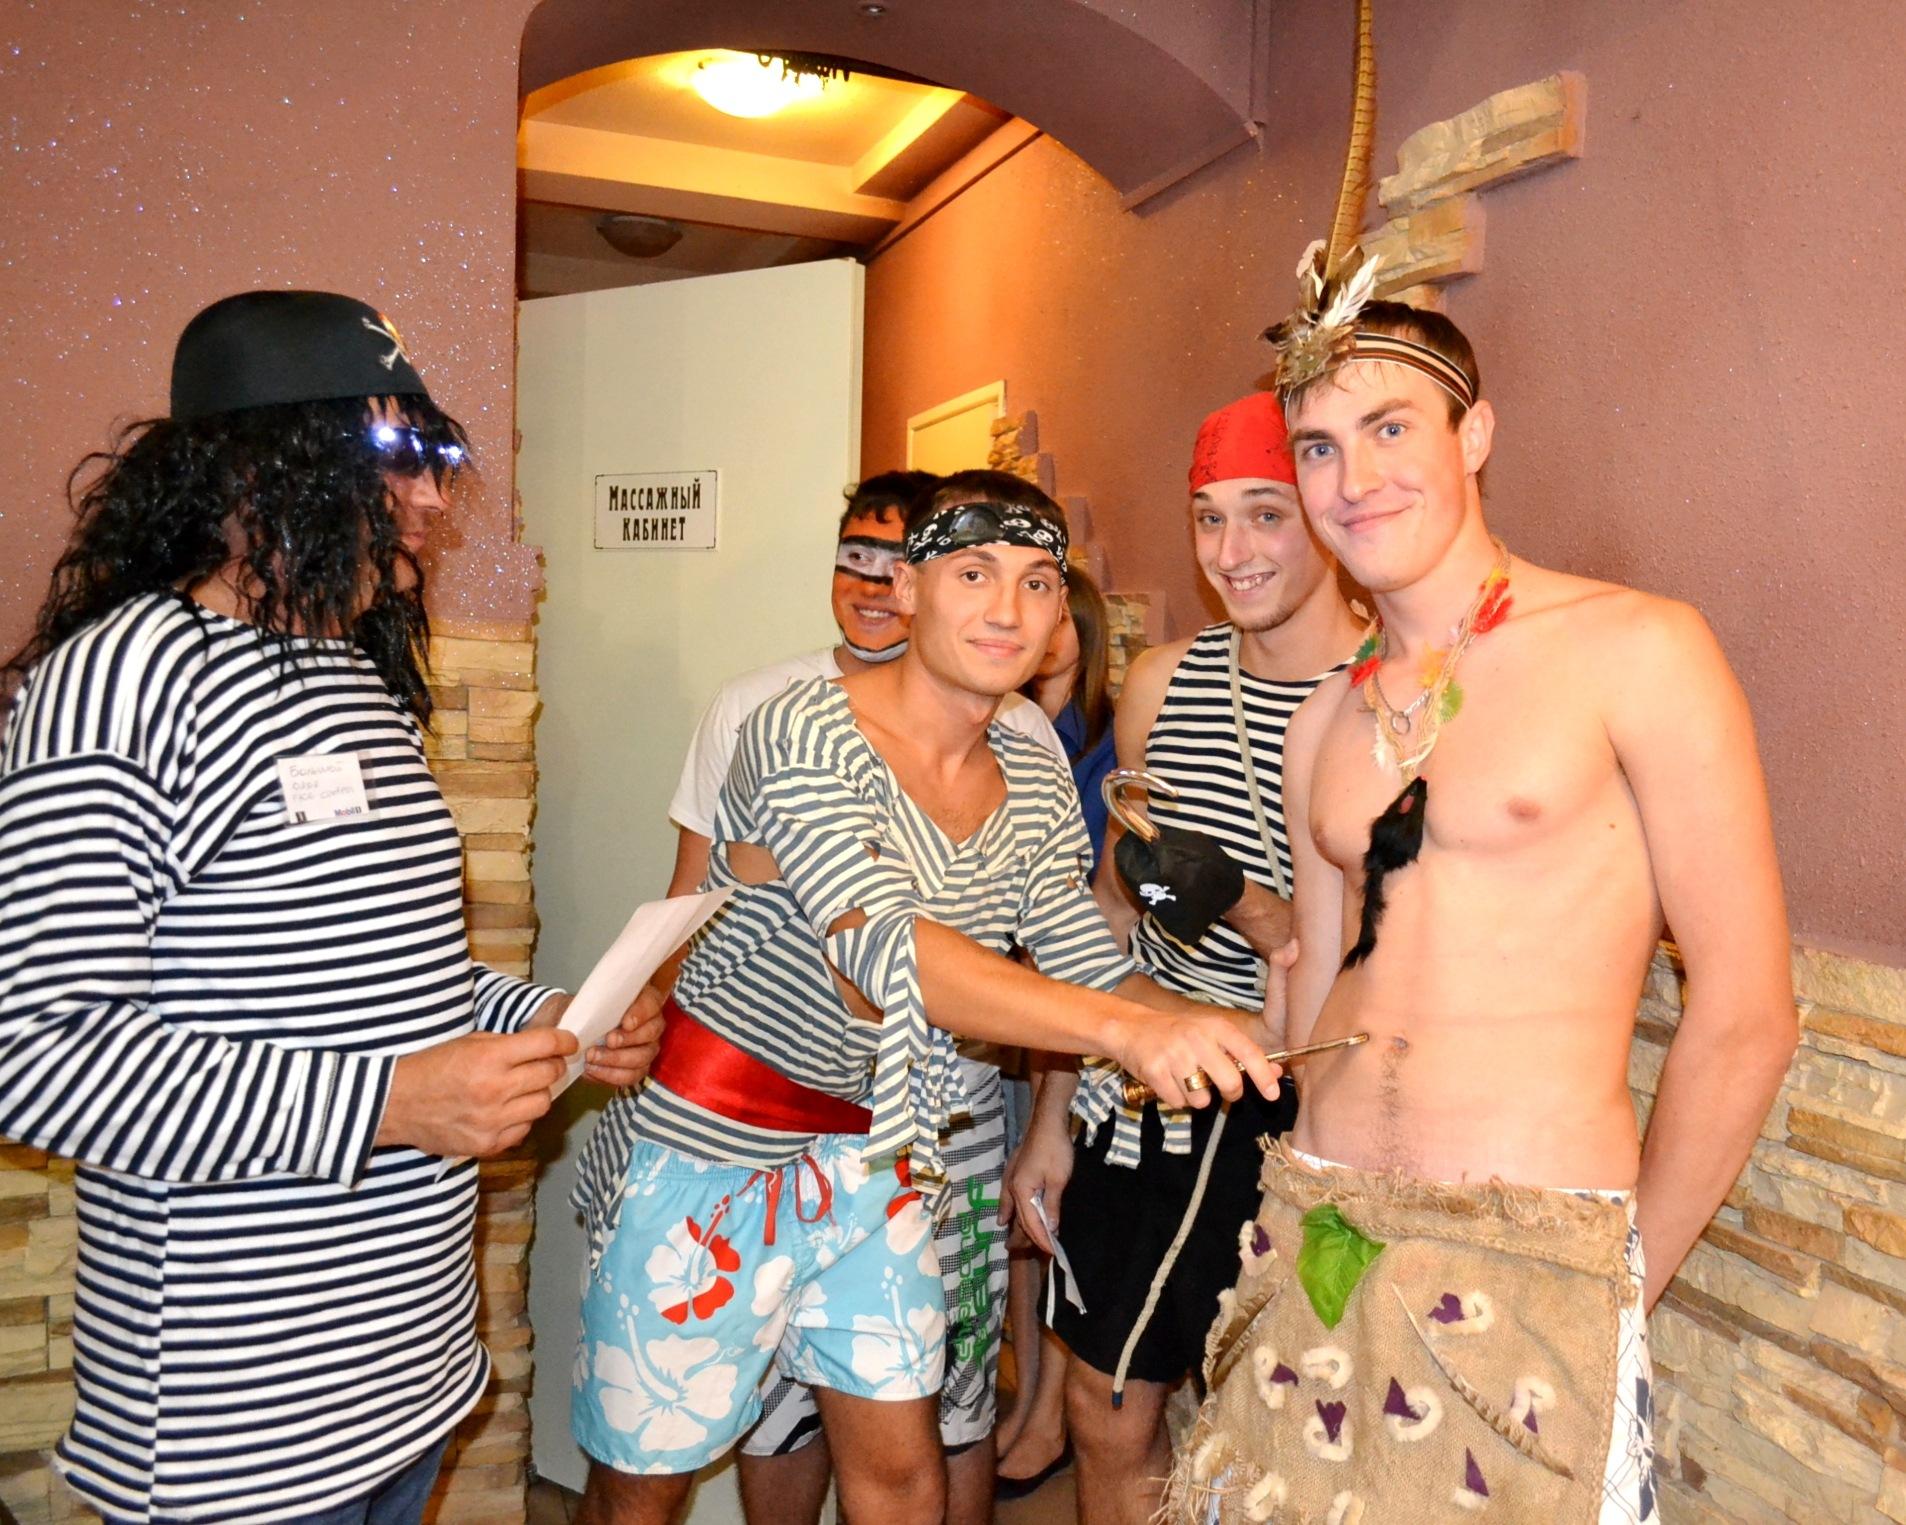 вечеринка в сауне фото - 6